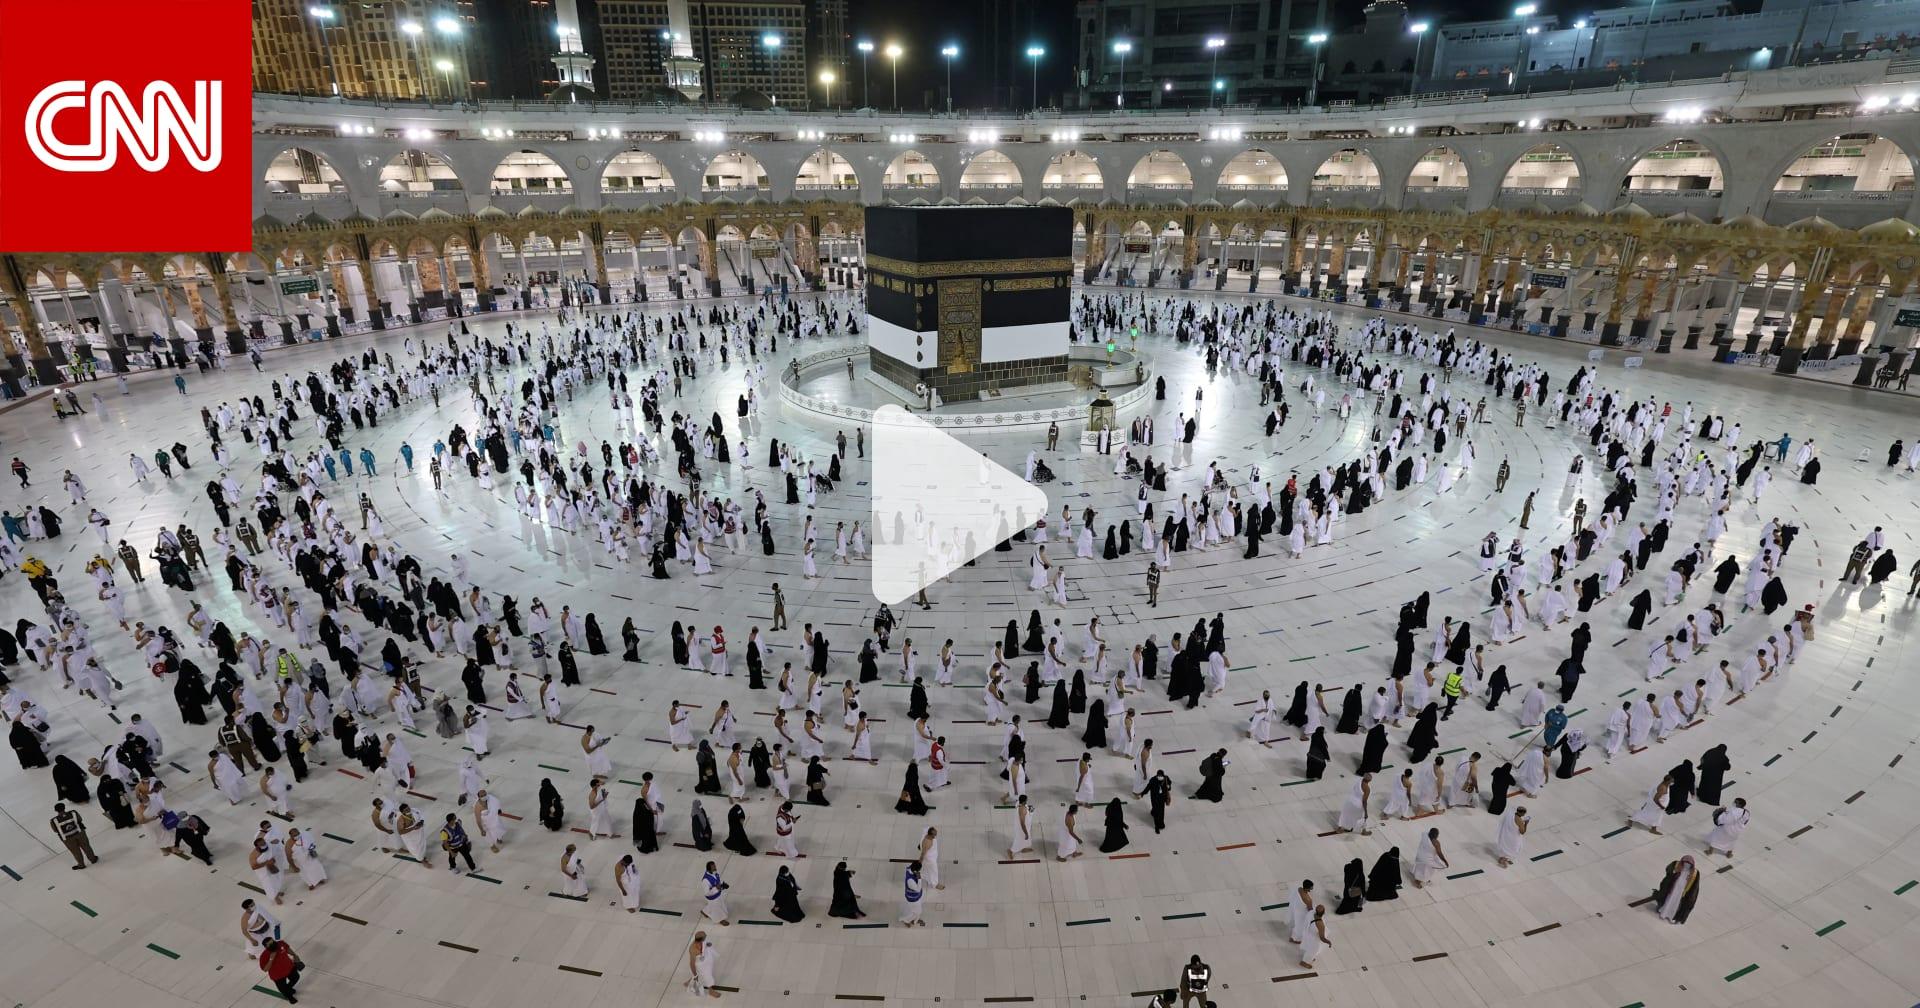 السعودية: 60 ألفًا فقط من داخل المملكة يؤدون فريضة الحج بسبب جائحة كورونا